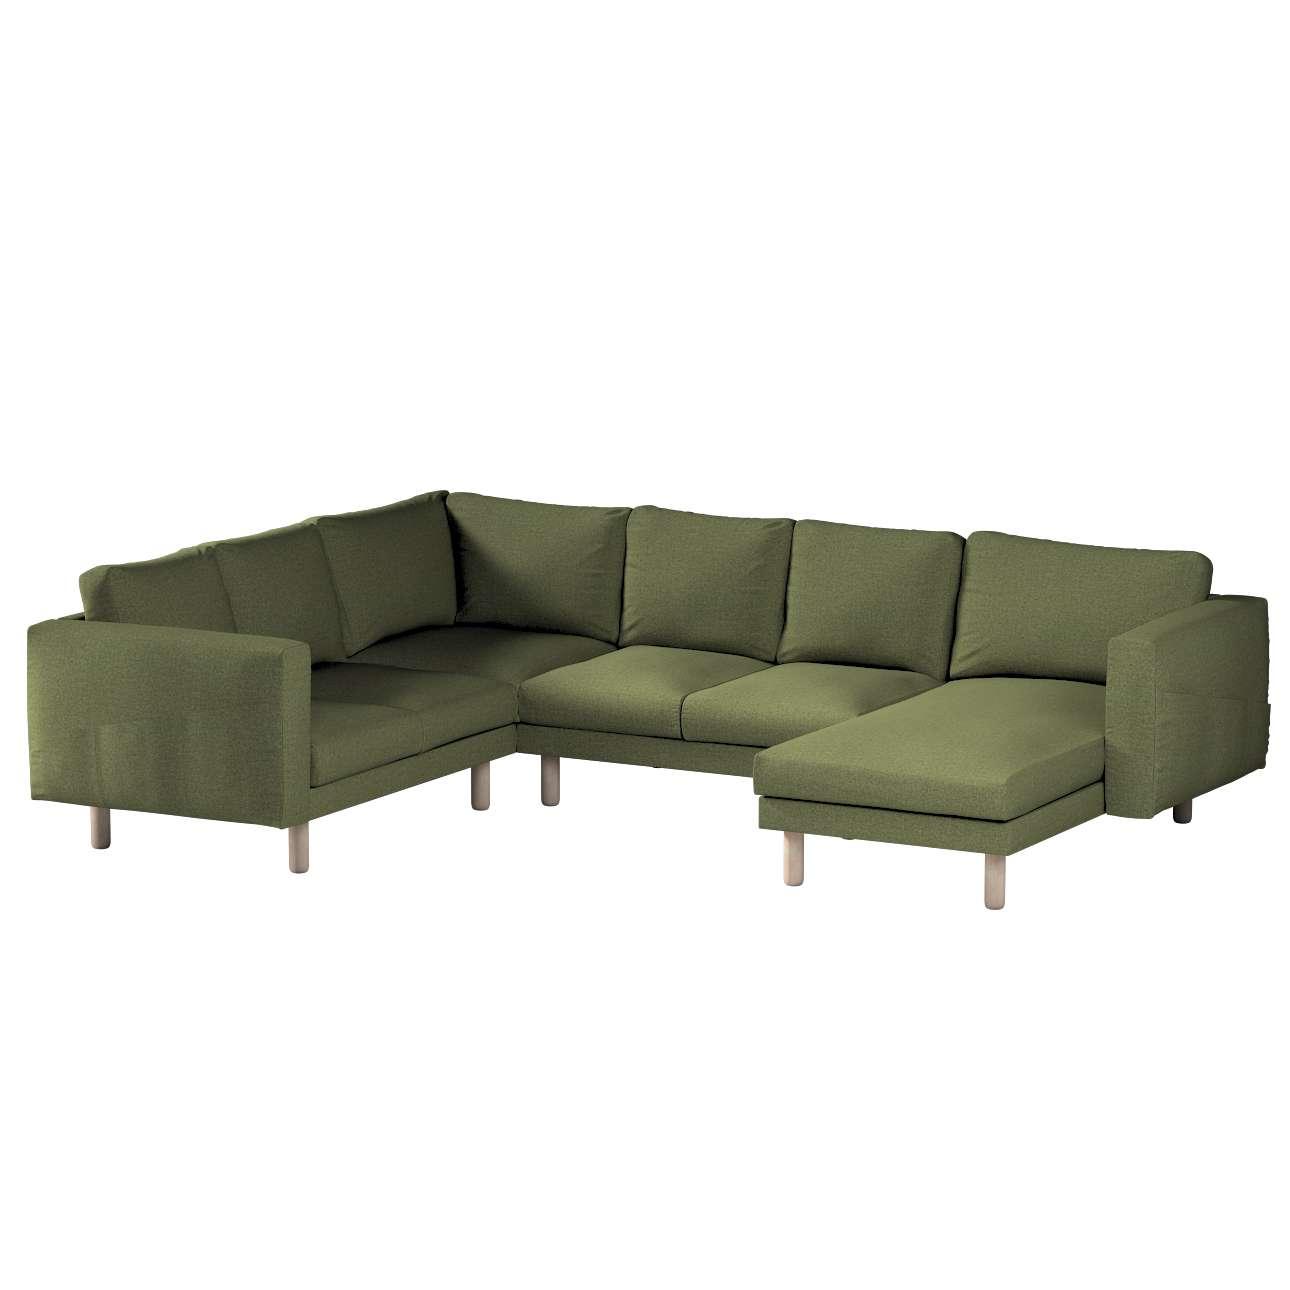 Pokrowiec na sofę narożną Norsborg 5-osobową z szezlongiem w kolekcji Madrid, tkanina: 161-22